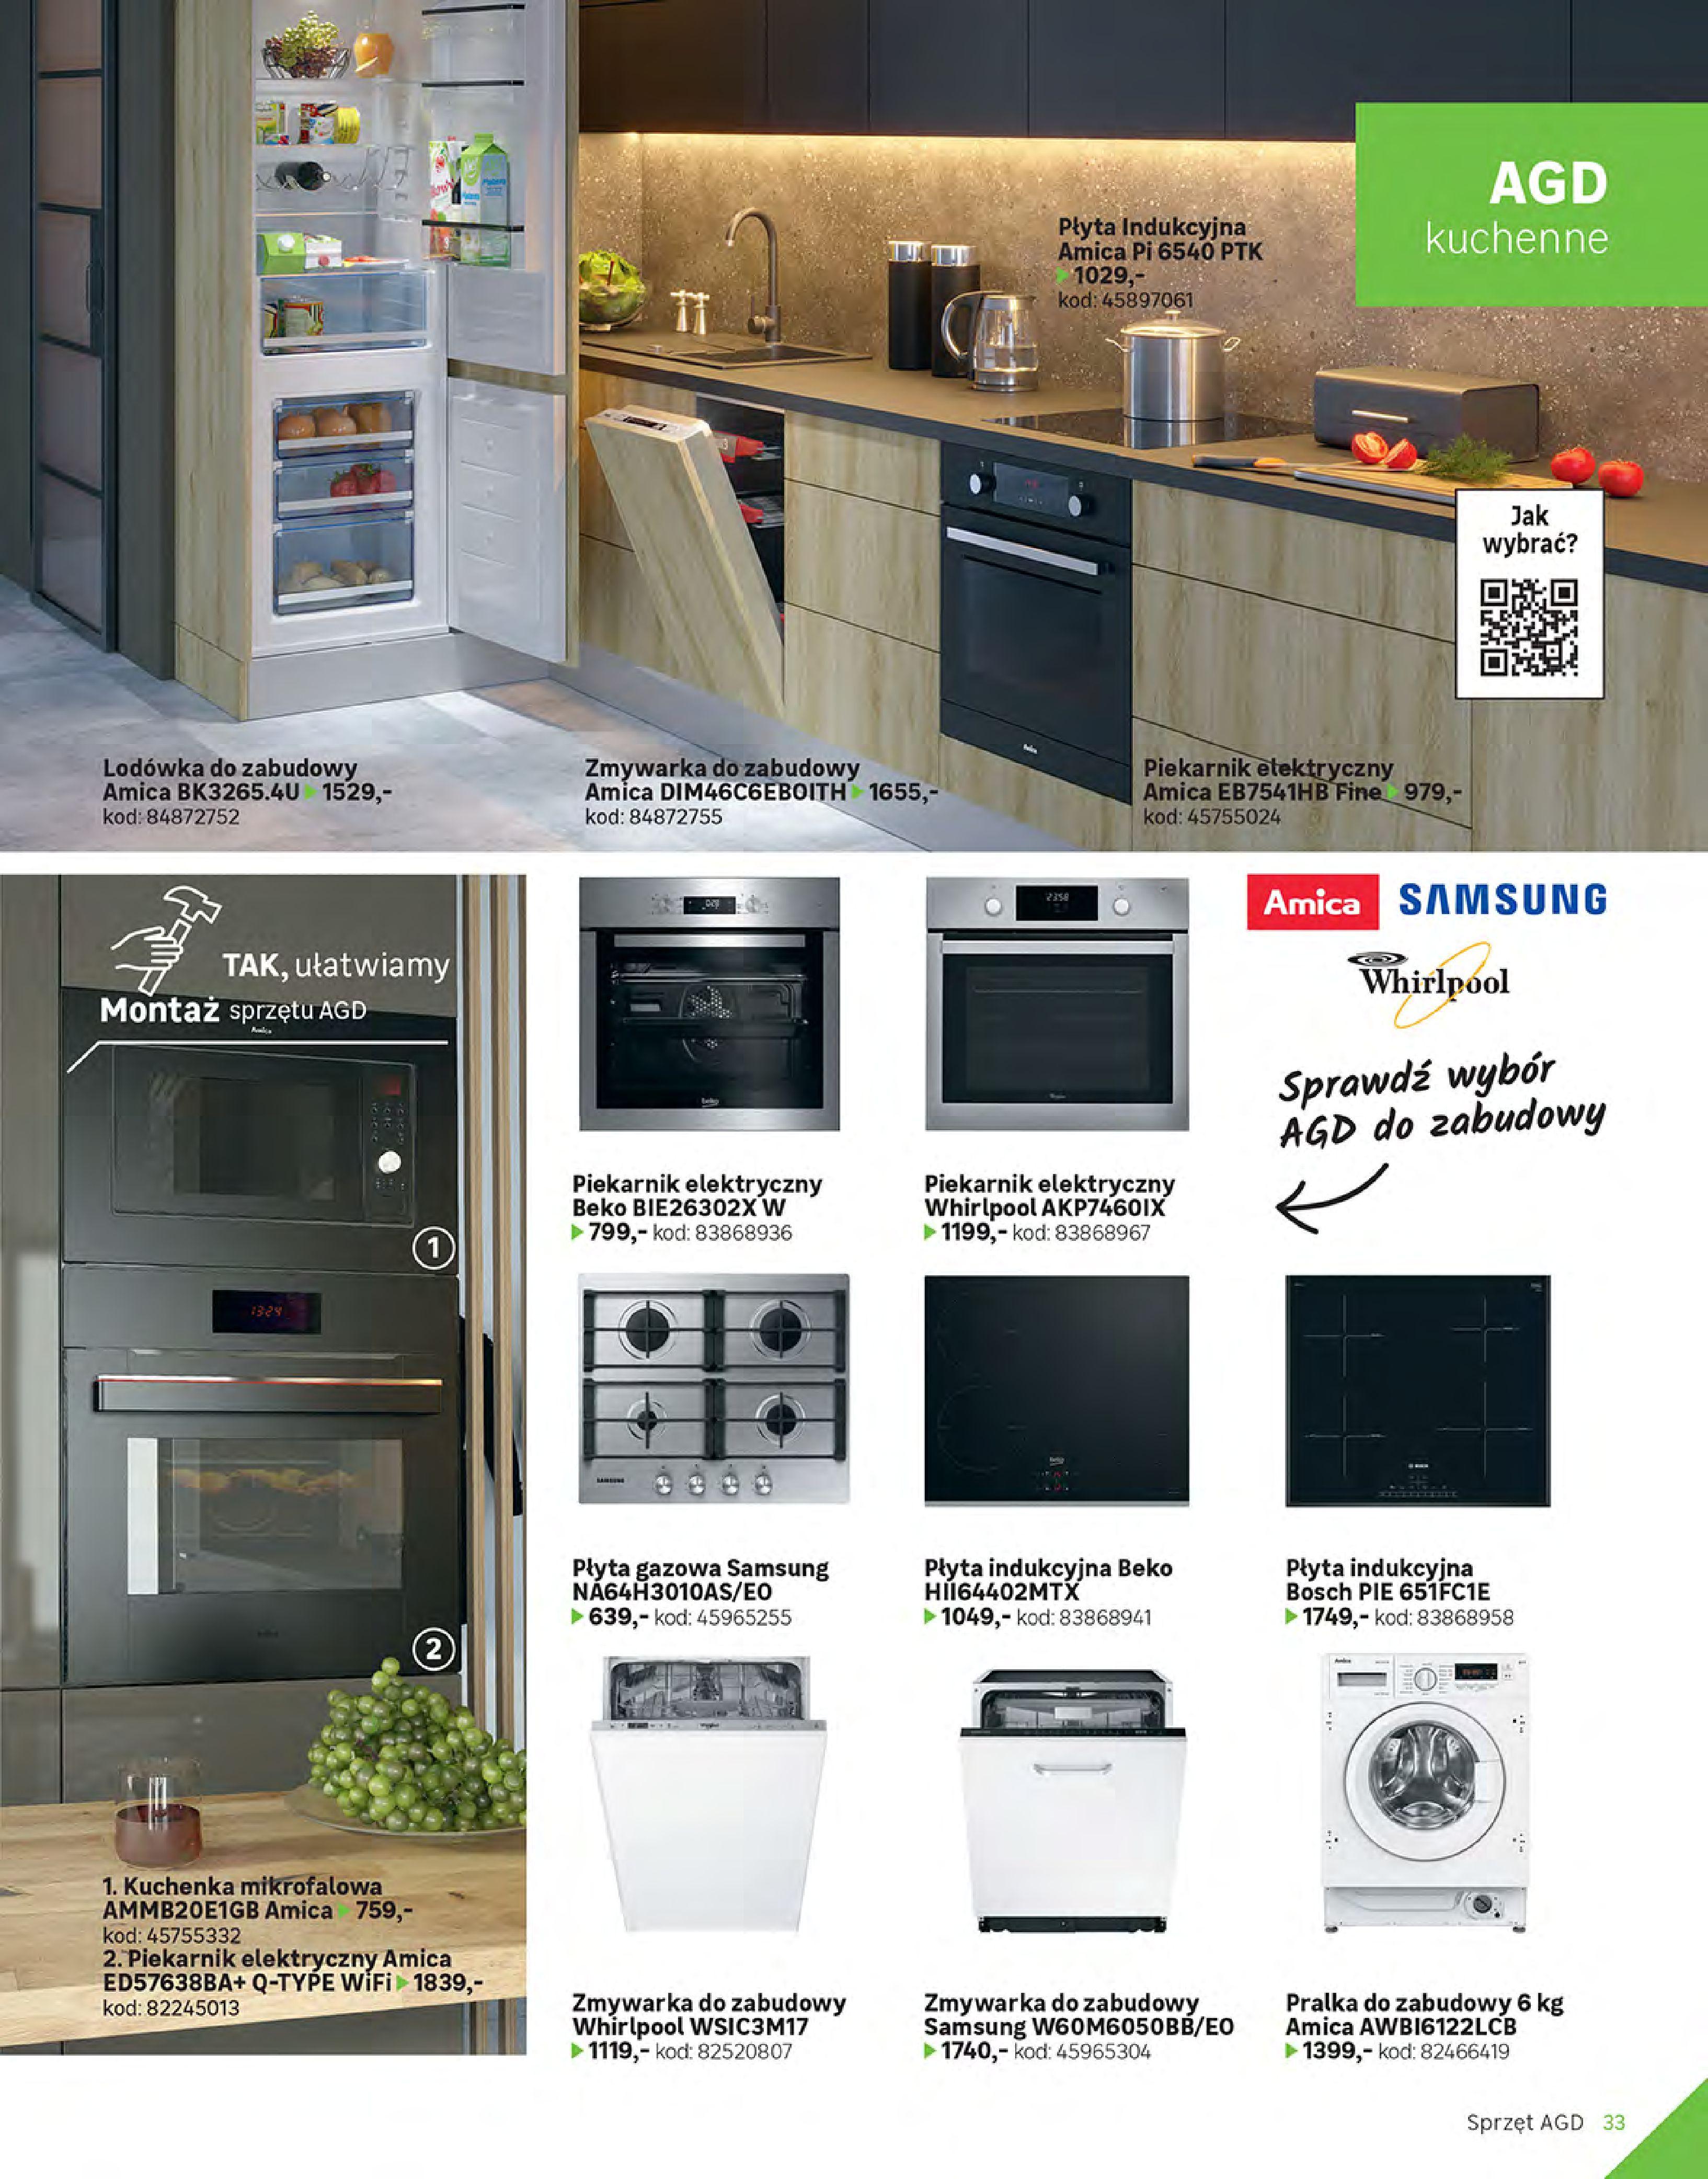 Gazetka Leroy Merlin: Gazetka Leroy Merlin - Katalog Projekty 2021-06-01 page-33